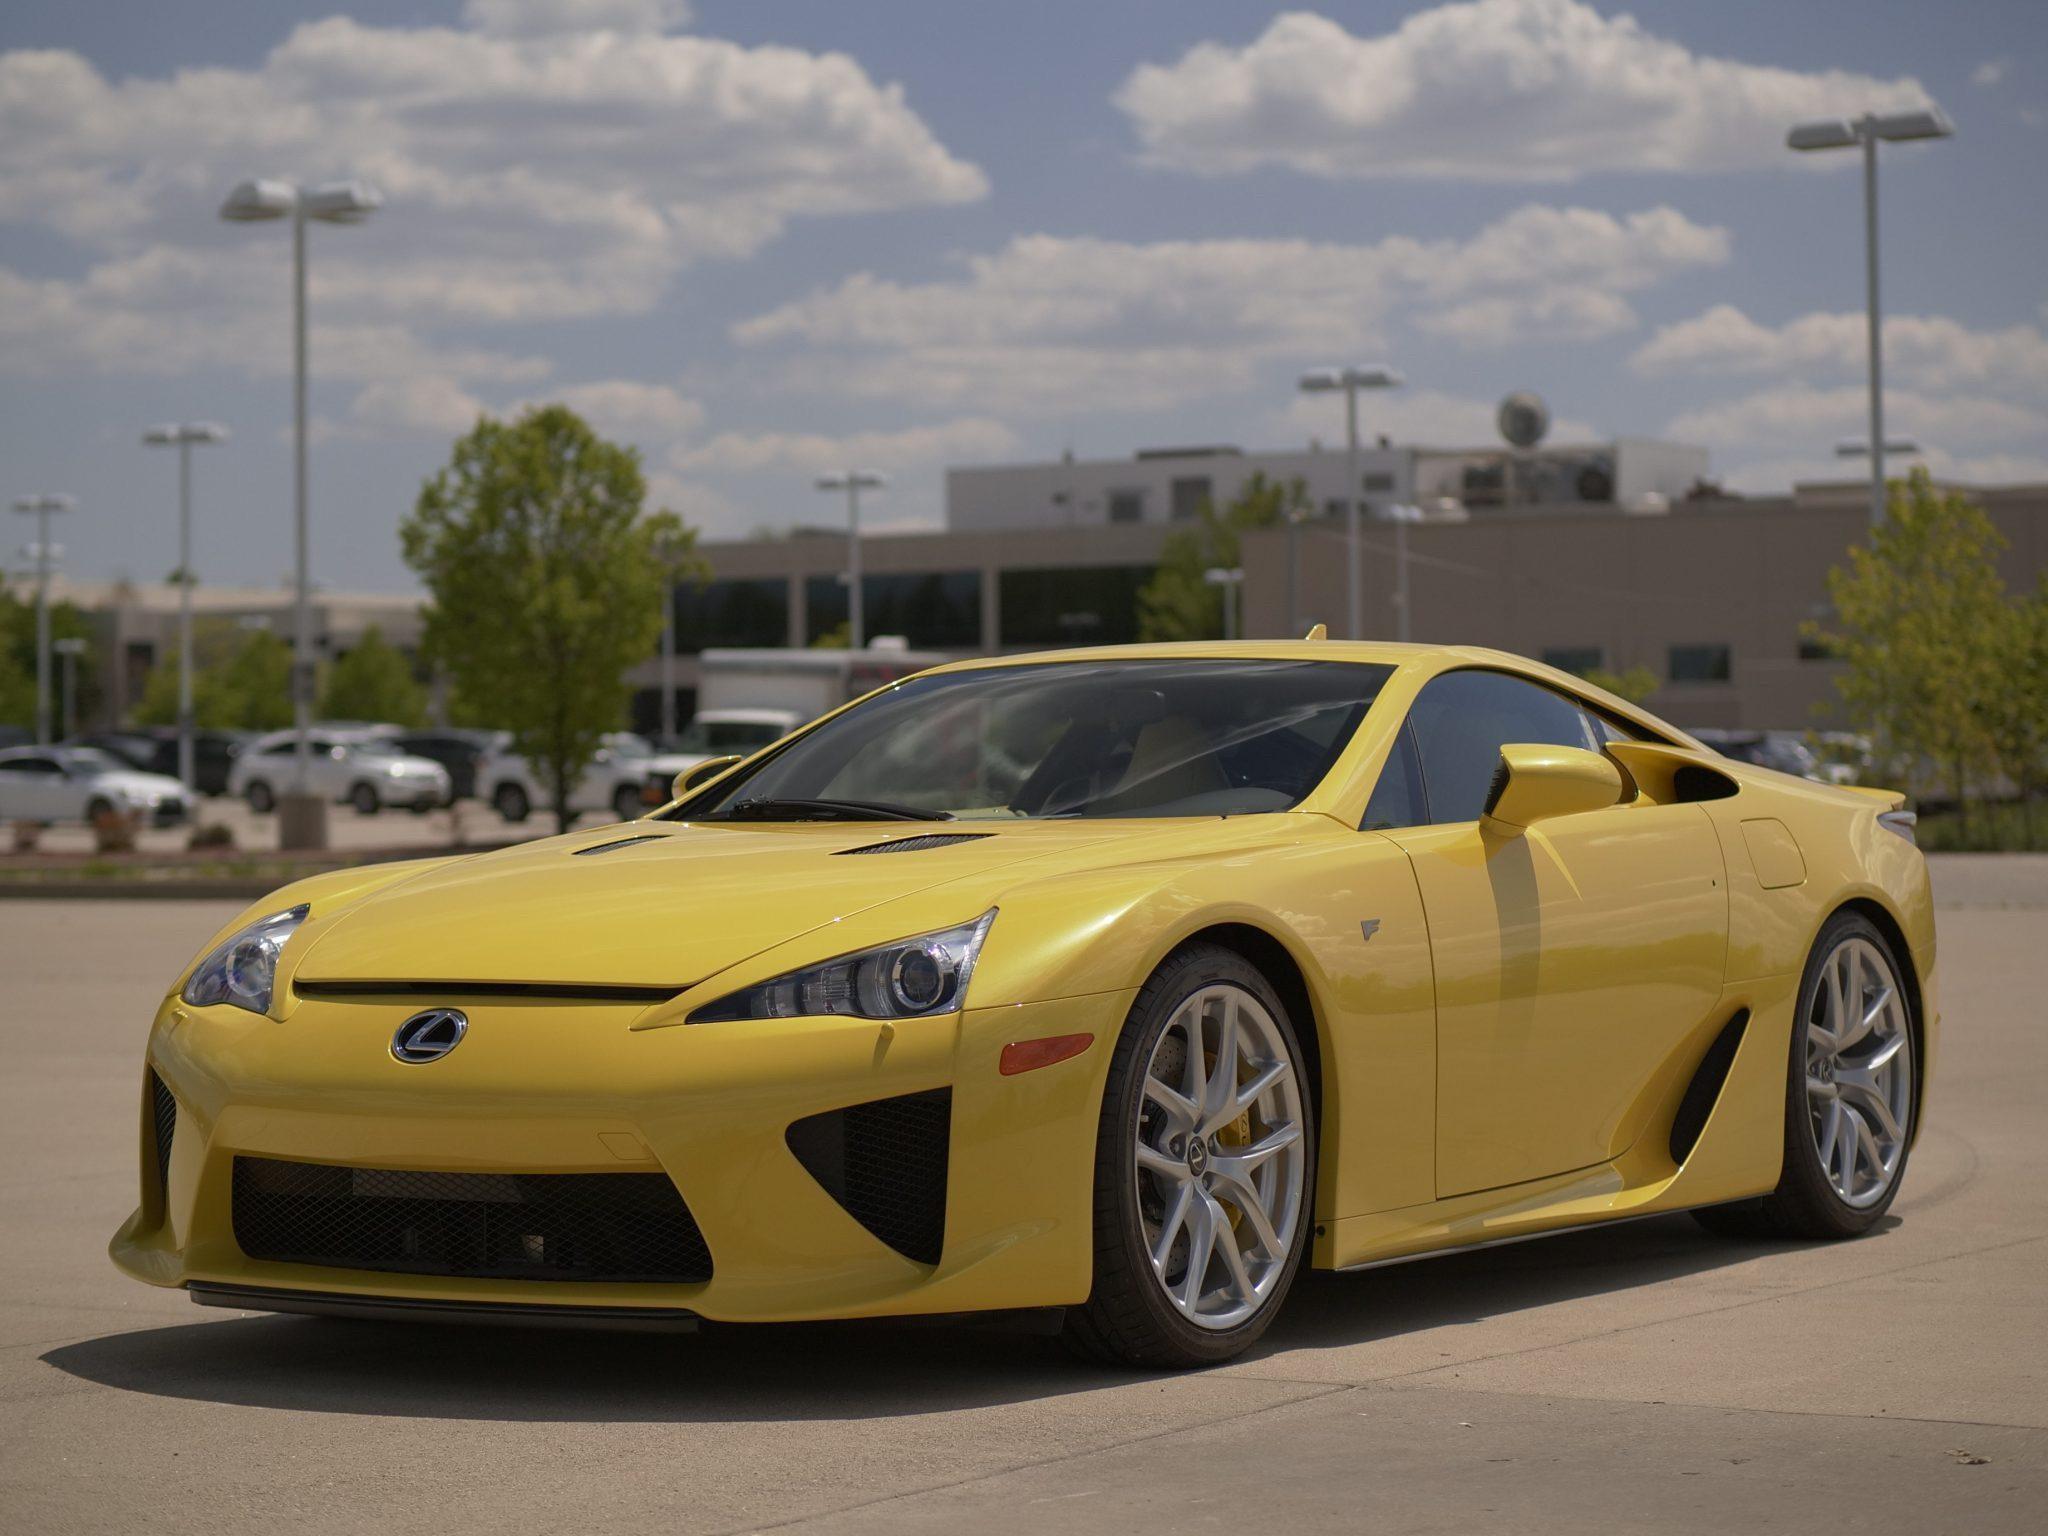 2012_Lexus_LFA_sale-0001